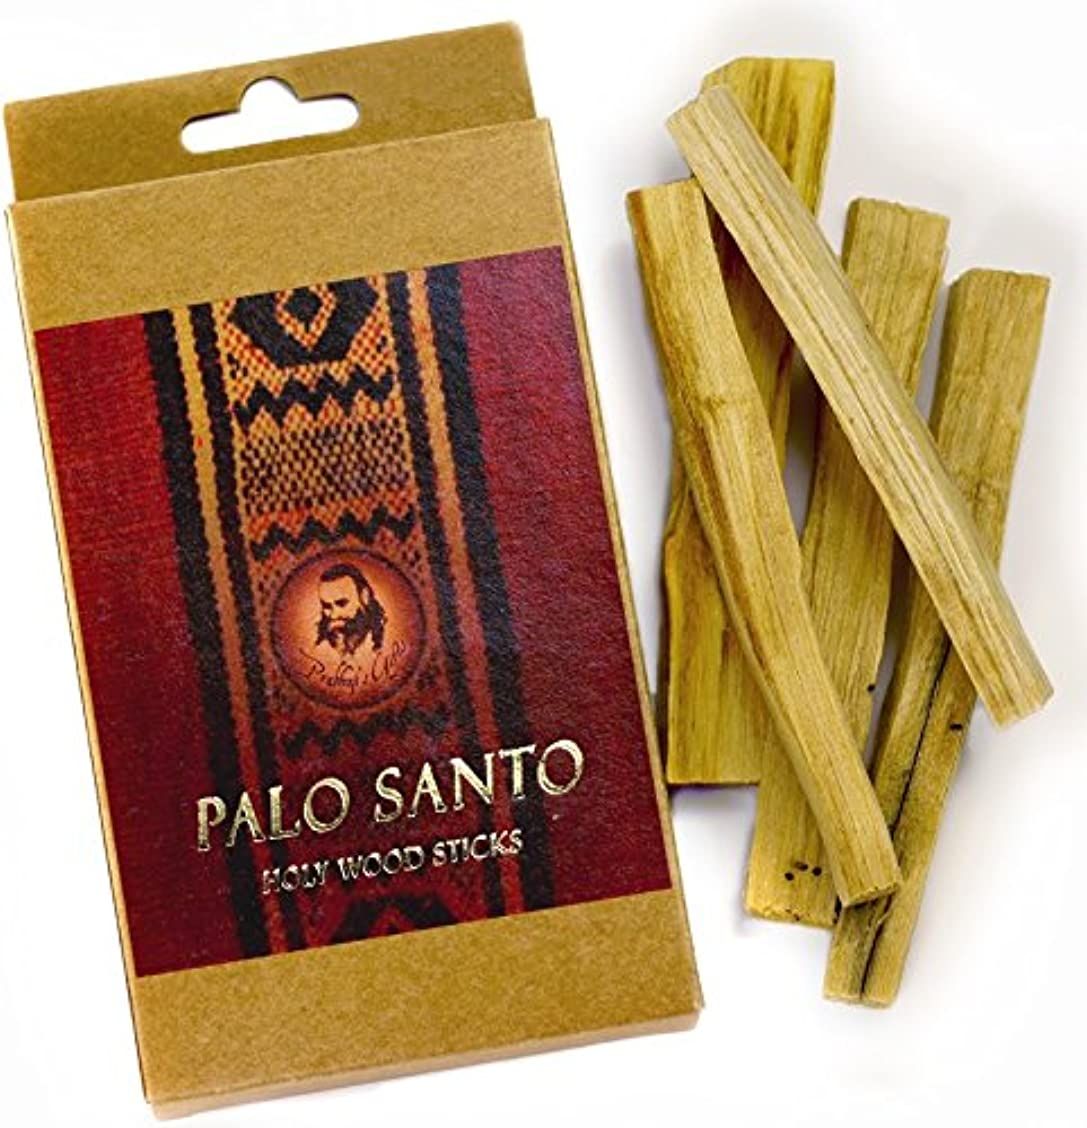 キロメートル円形の褐色Palo Santo Raw Incense木製 – 標準 – 5 Sticks